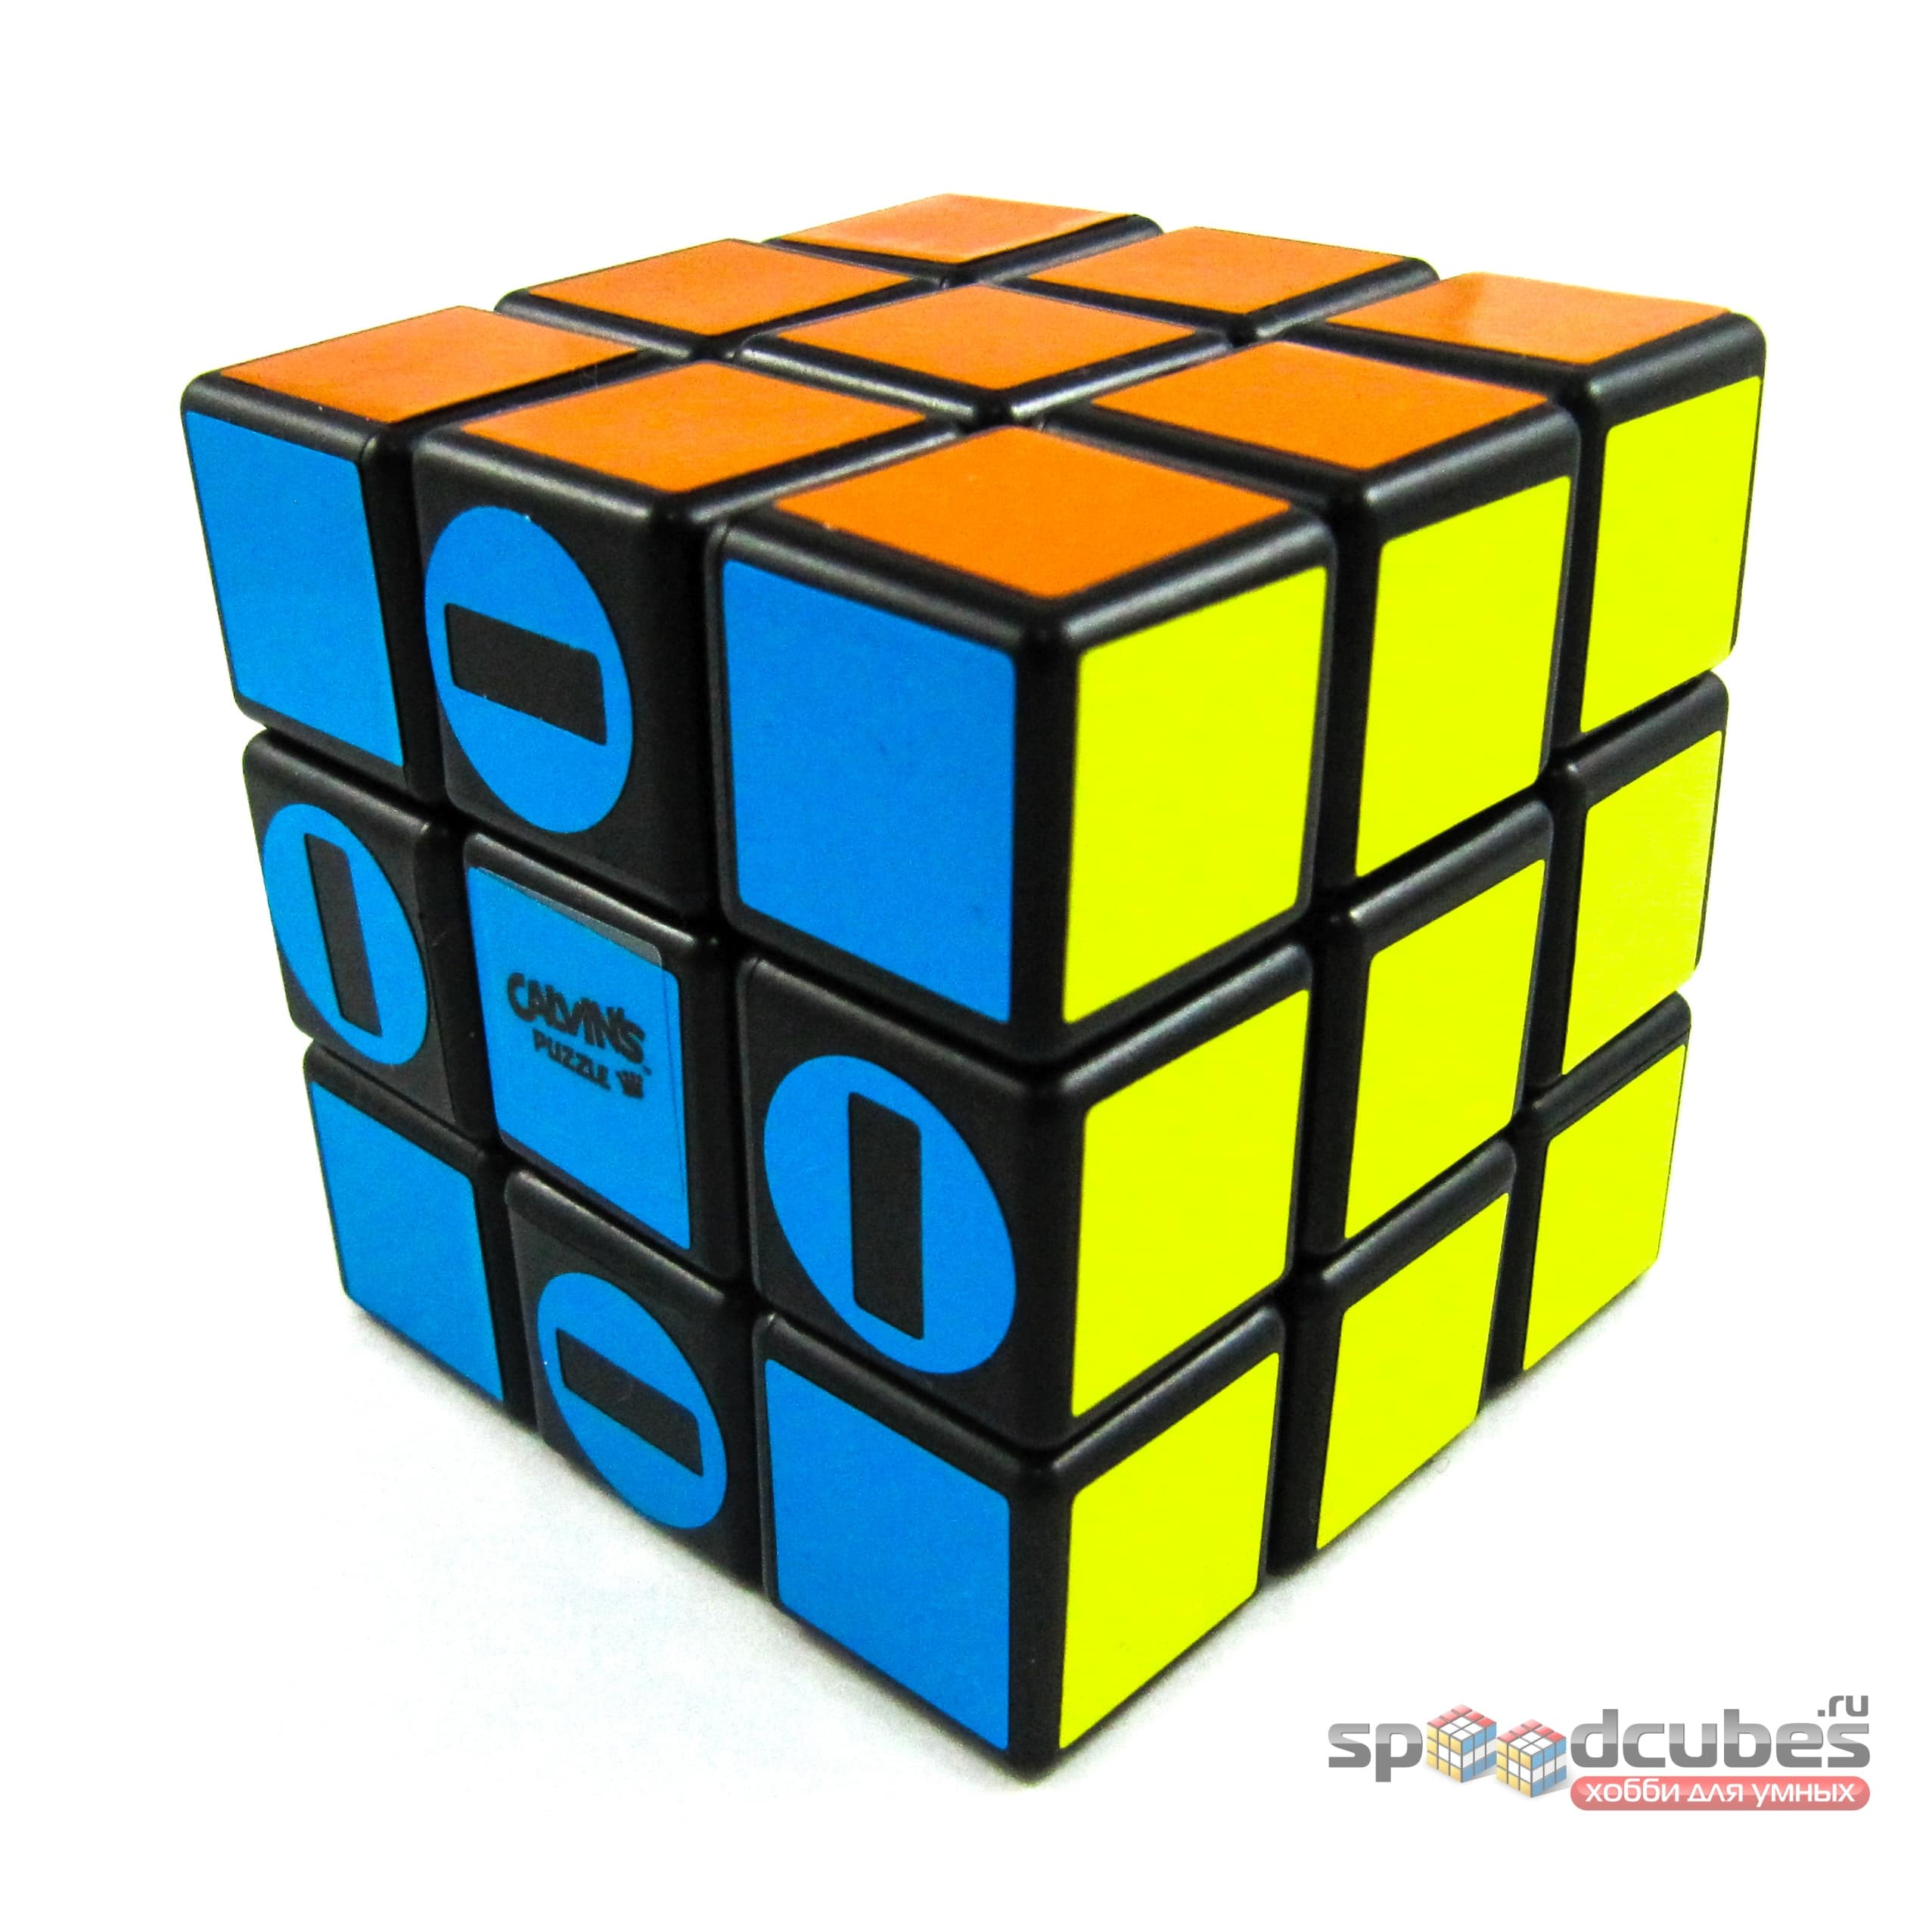 Calvin's Evgeny Edge Road Cube 2